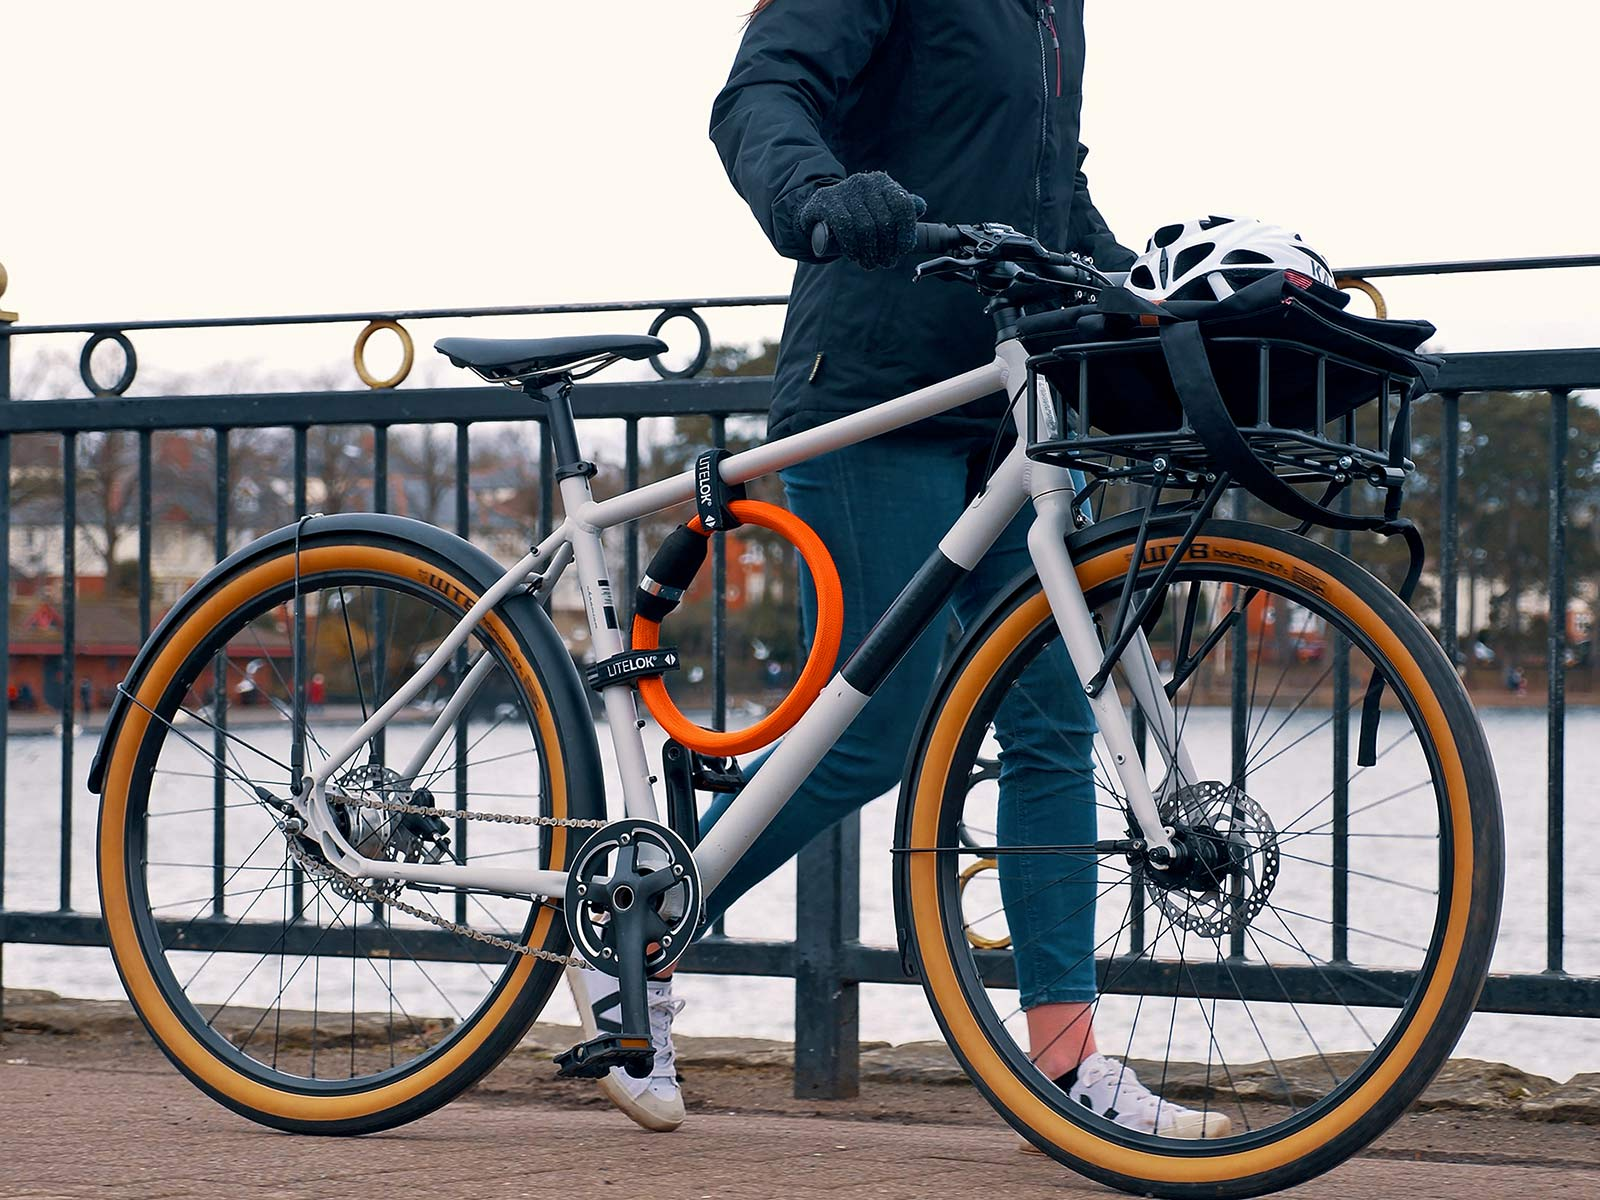 Litelok Core obtiene el nivel más alto de protección antirrobo para candados de bicicleta, ¡sigue siendo el más liviano!